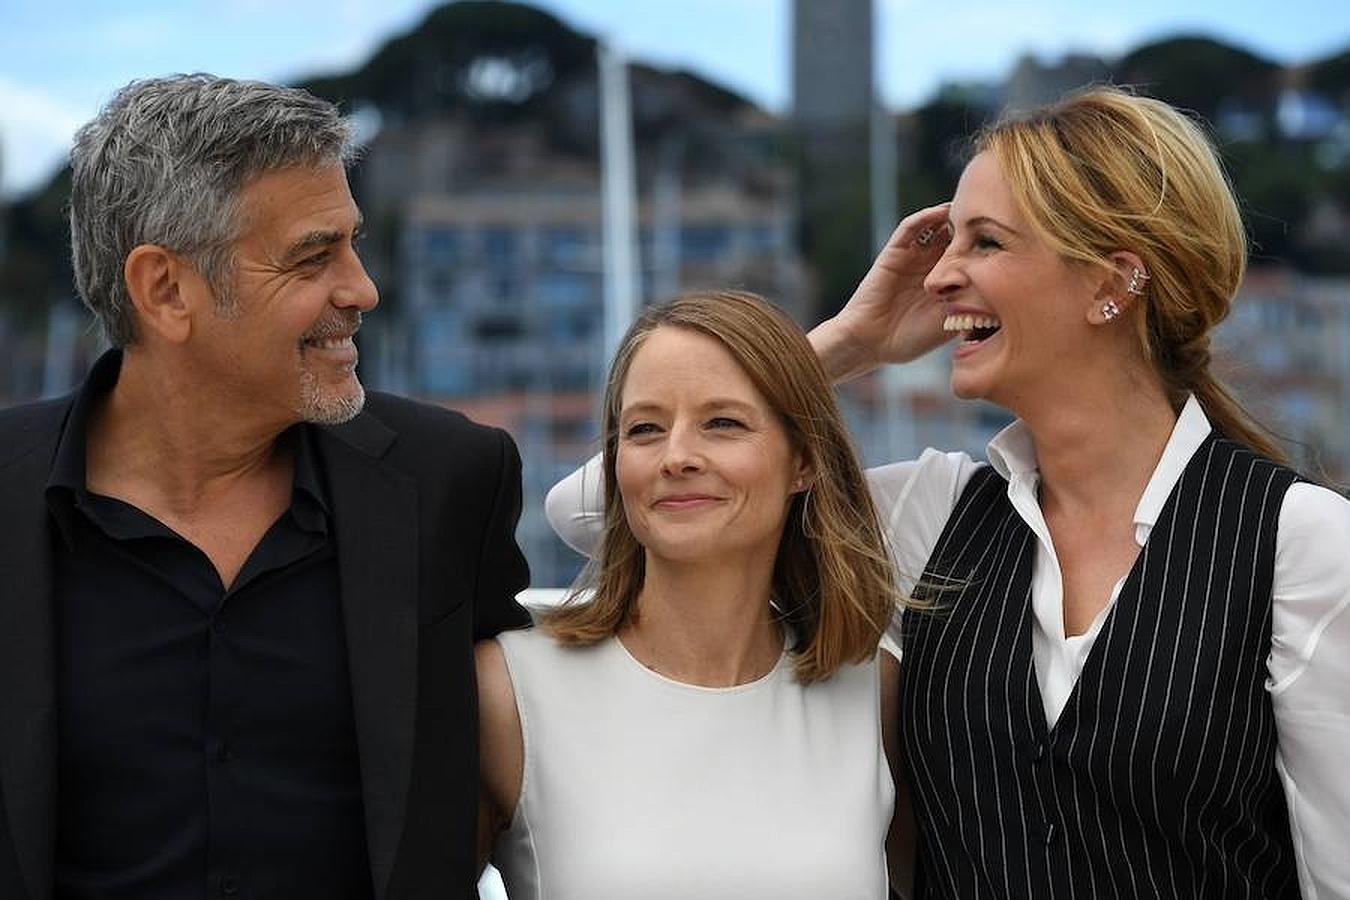 La directora Jodie Foster, junto a los protagonistas de su película «Money Monster», George Clooney y Julia Roberts